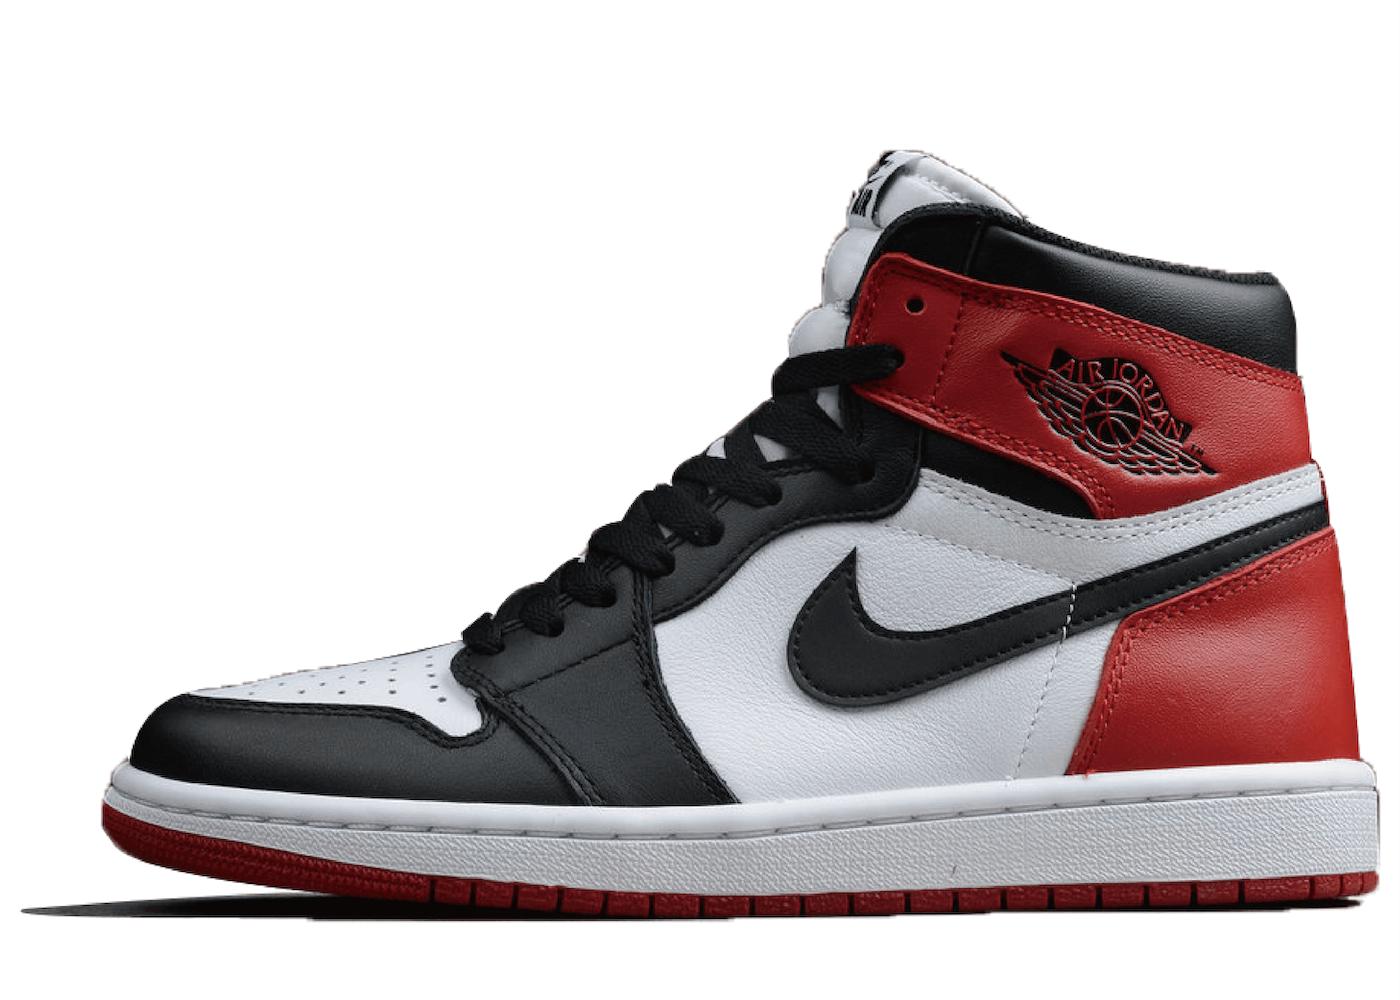 Nike Air Jordan 1 Retro High OG Black Toe (2016)の写真